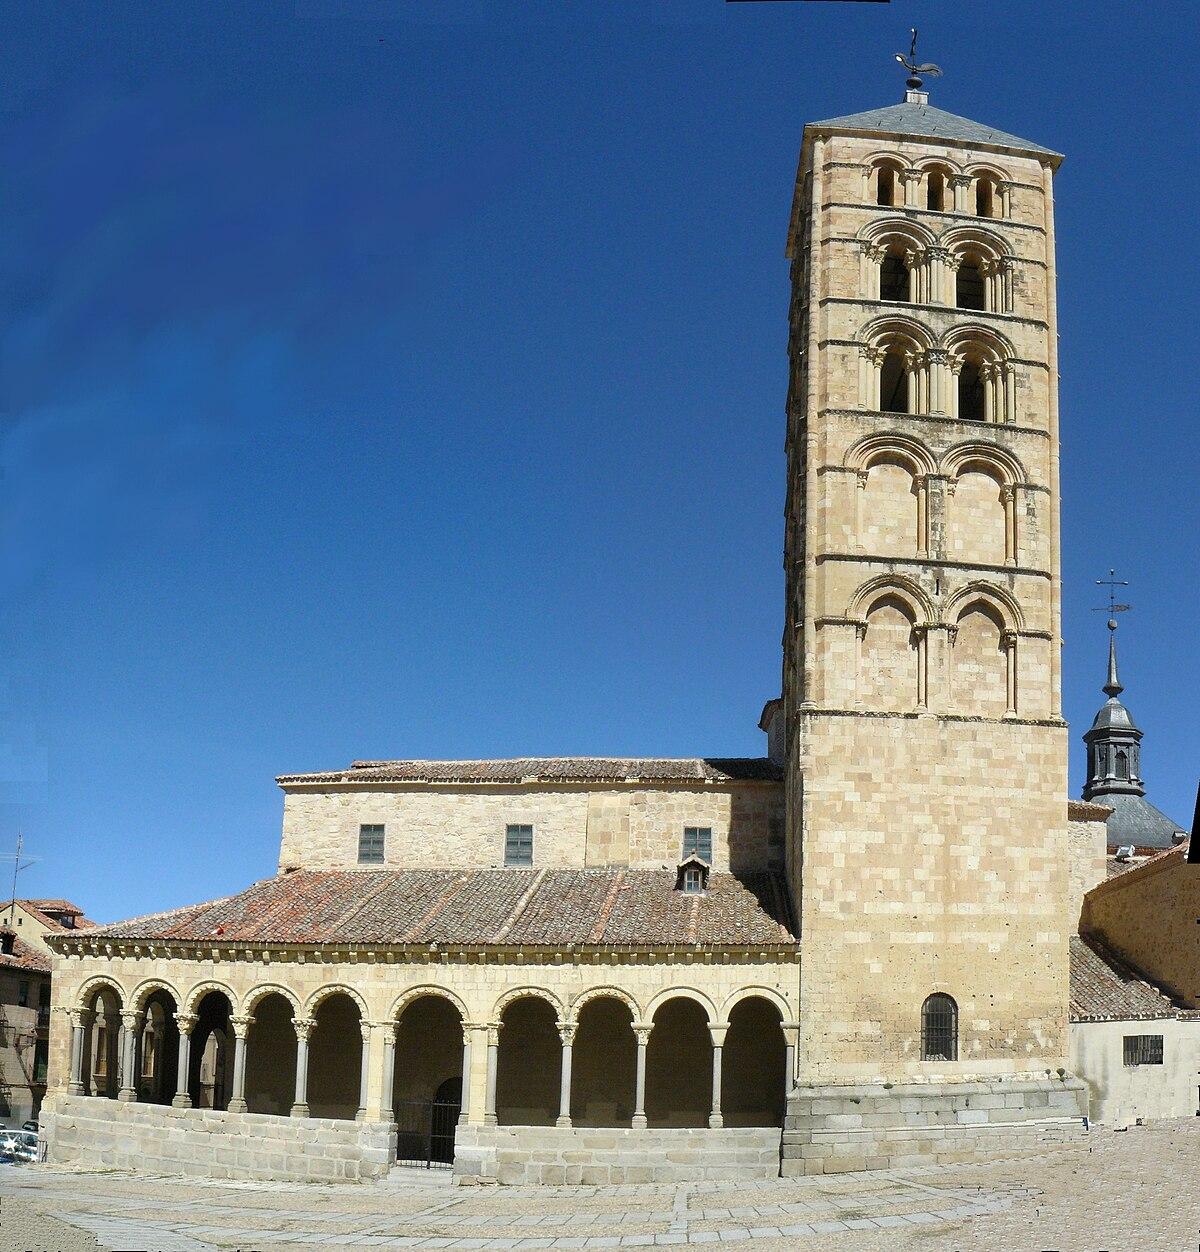 Iglesia de San Esteban (Segovia) - Wikipedia, la ...